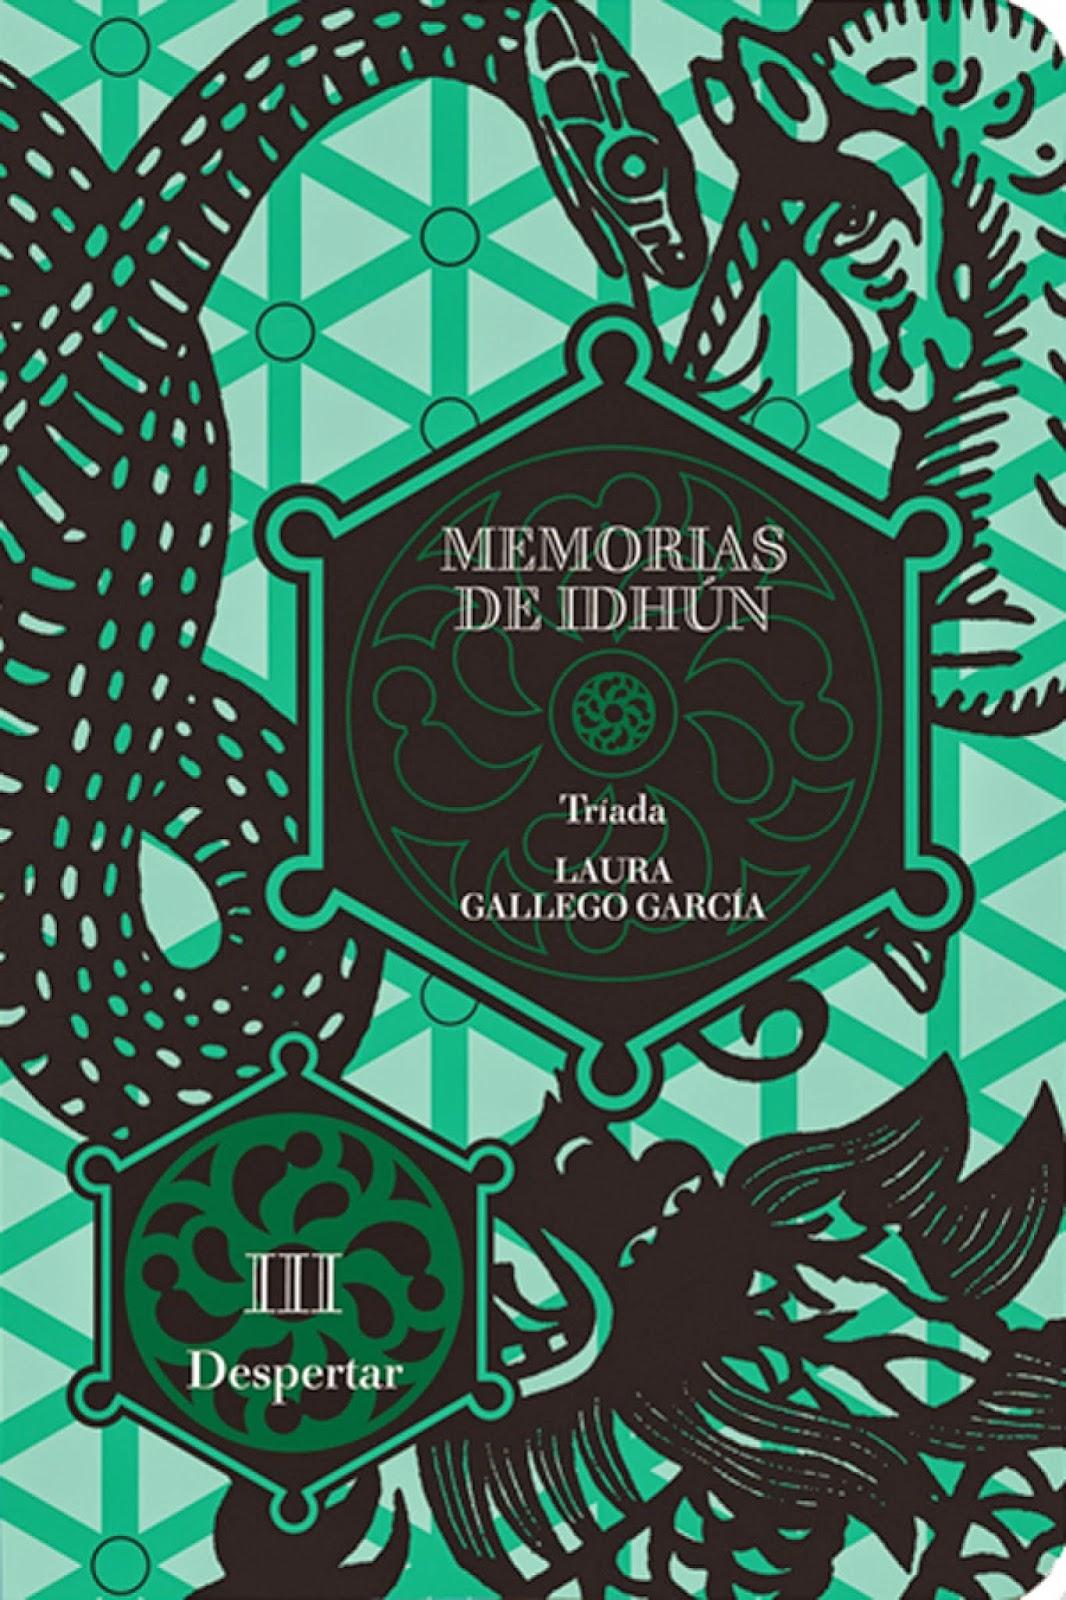 (Memorias De Idhún) Tríada I: Despertar, de Laura Gallego García